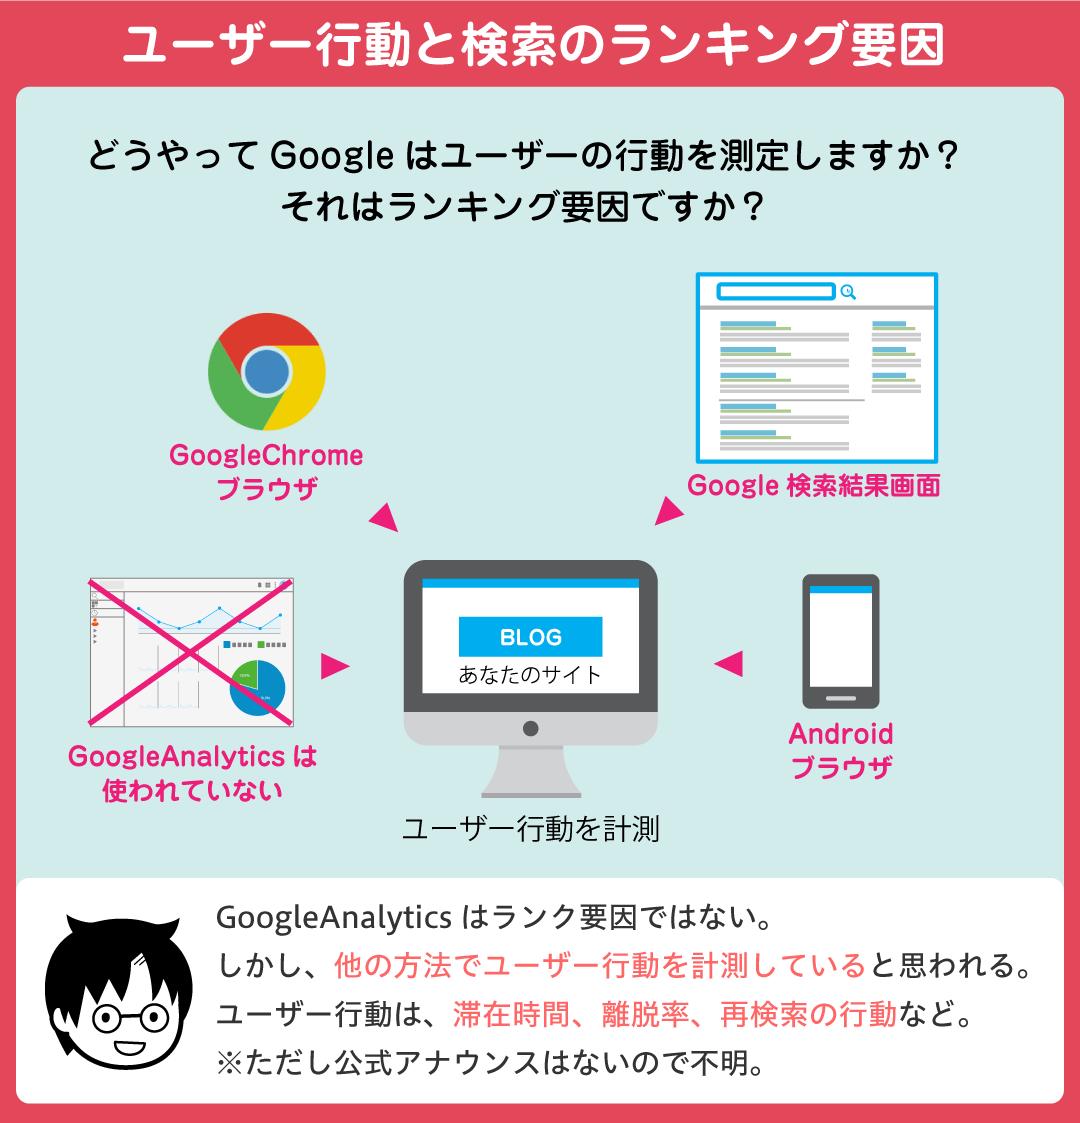 ユーザー行動と検索のランキング要因